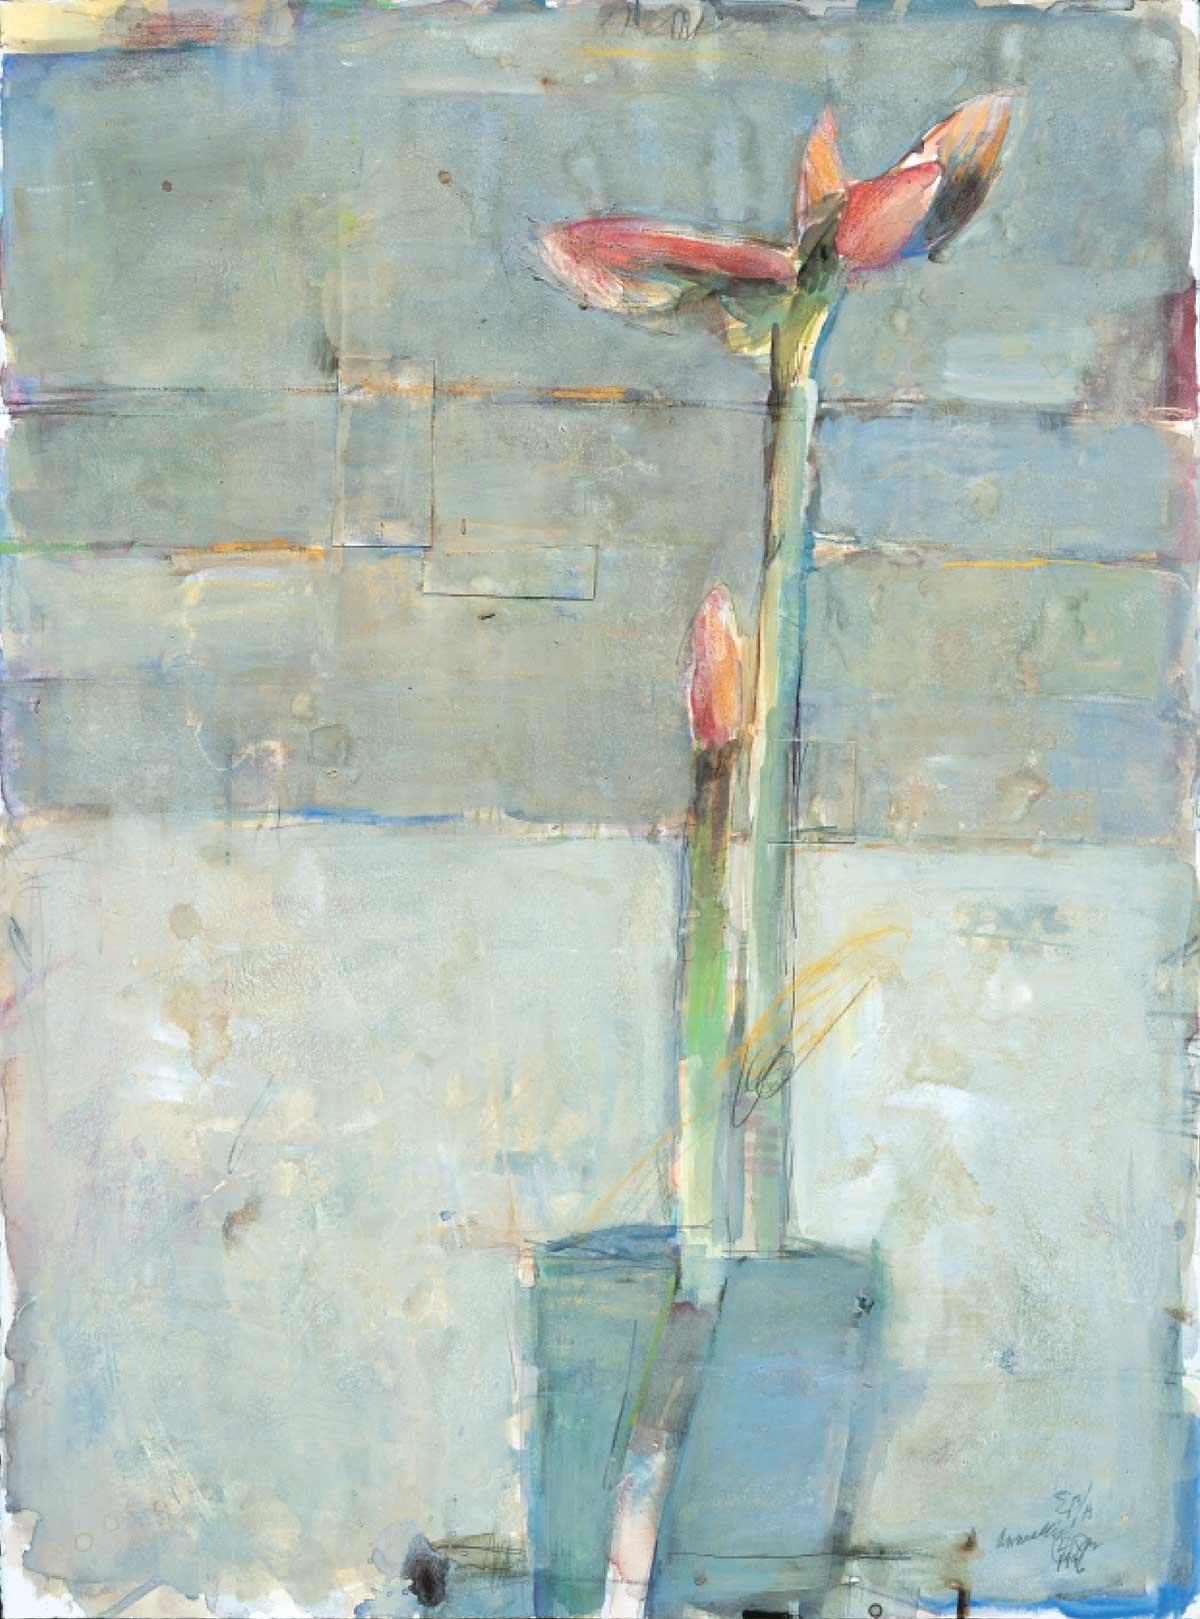 Amarylis #4 by Elaine Badgley Arnoux